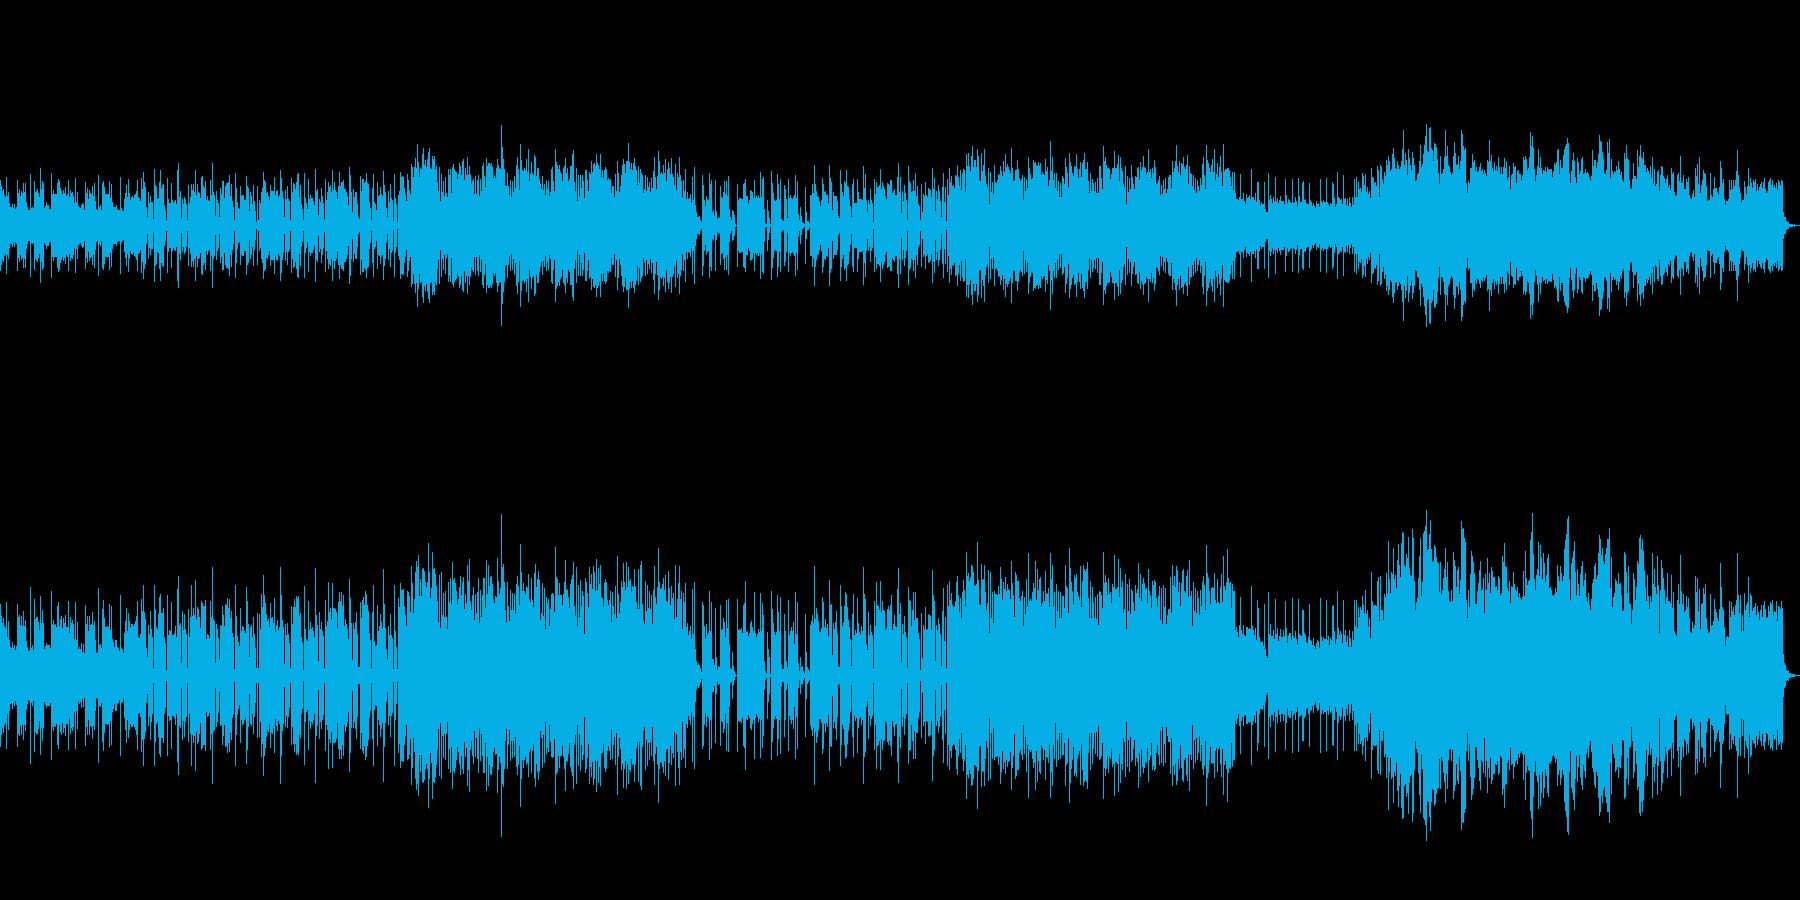 ハーモニカによる男らしいBGM。の再生済みの波形